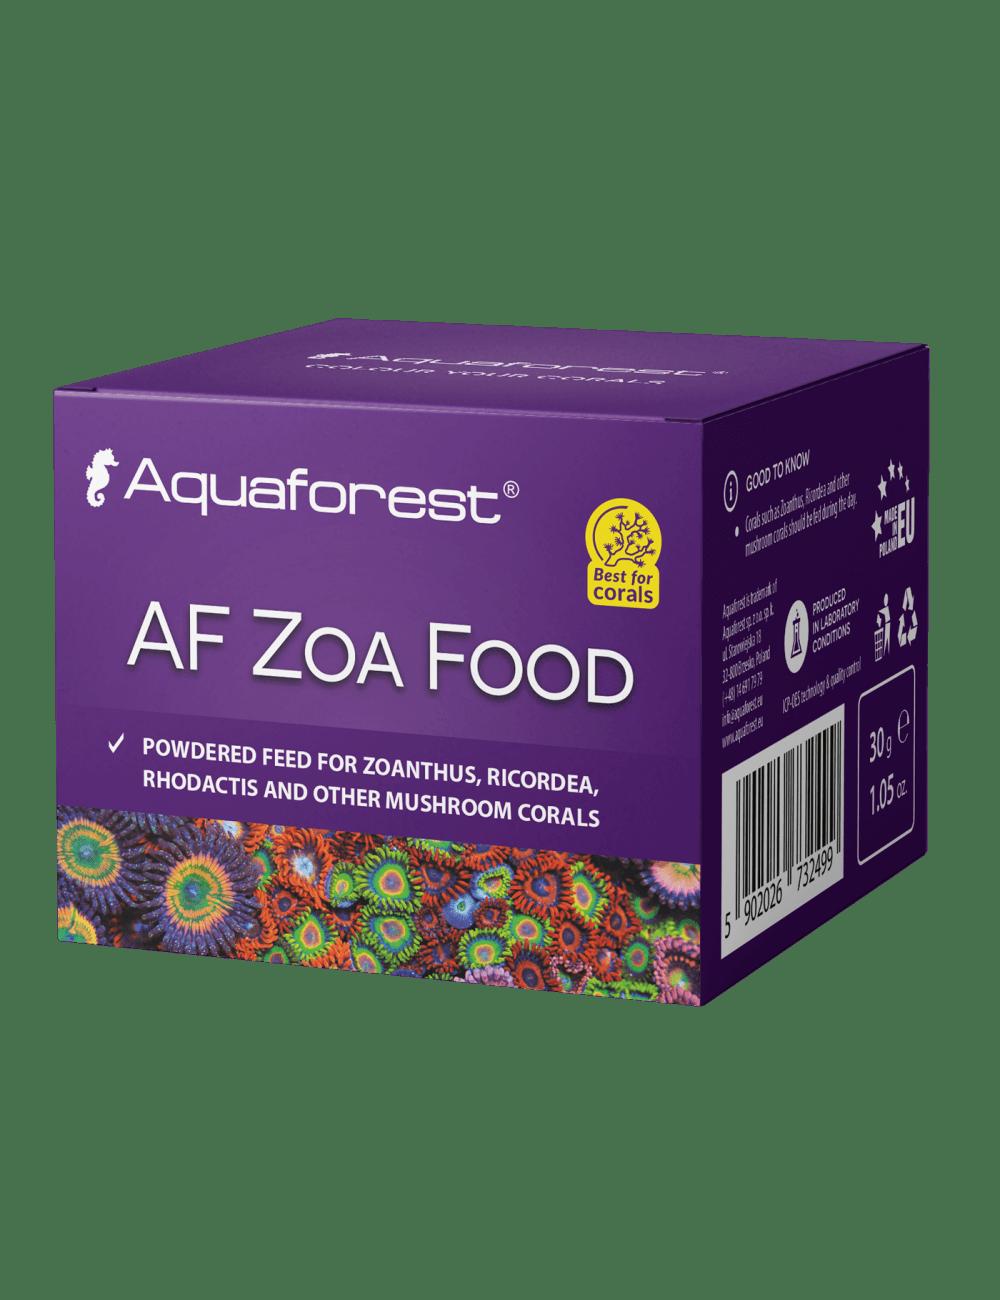 AQUAFOREST - AF Zoa Food - 30 G - Nourriture en poudre pour Zoanthus, Ricordea, Rhodactis et autres coraux champignons